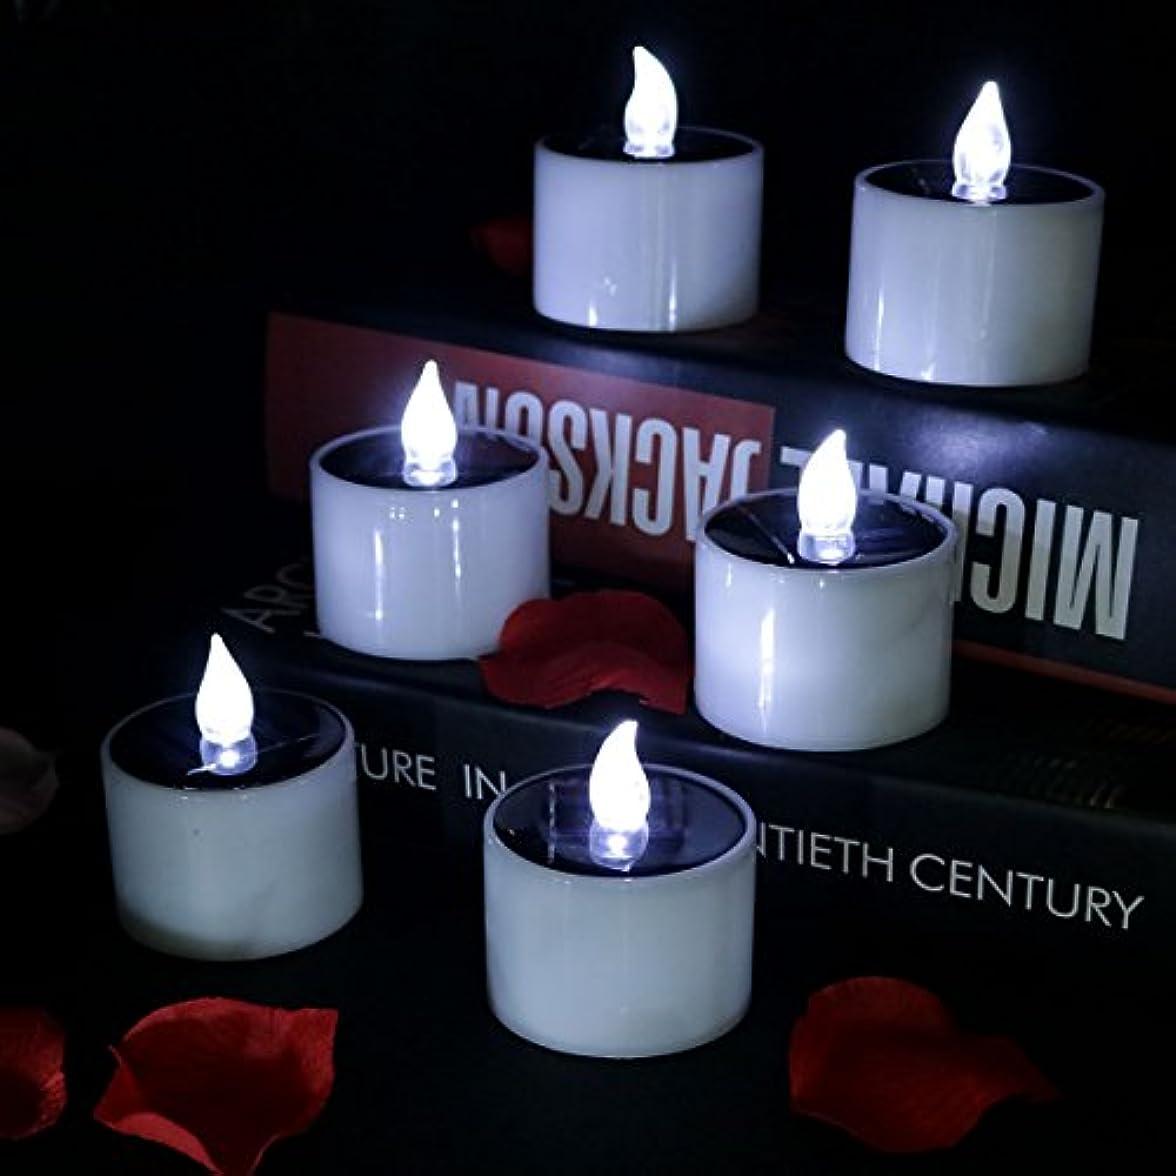 非行ドナーベーコンhoreset 6個イエローソーラー電源ちらつき電子常夜灯LED Flameless Candle、電池式Tealights、2 x 2.3インチsmoke-freeの結婚式、誕生日、パーティー、アウトドアハイキングキャンプ Solar 2011W_6_Black_xld